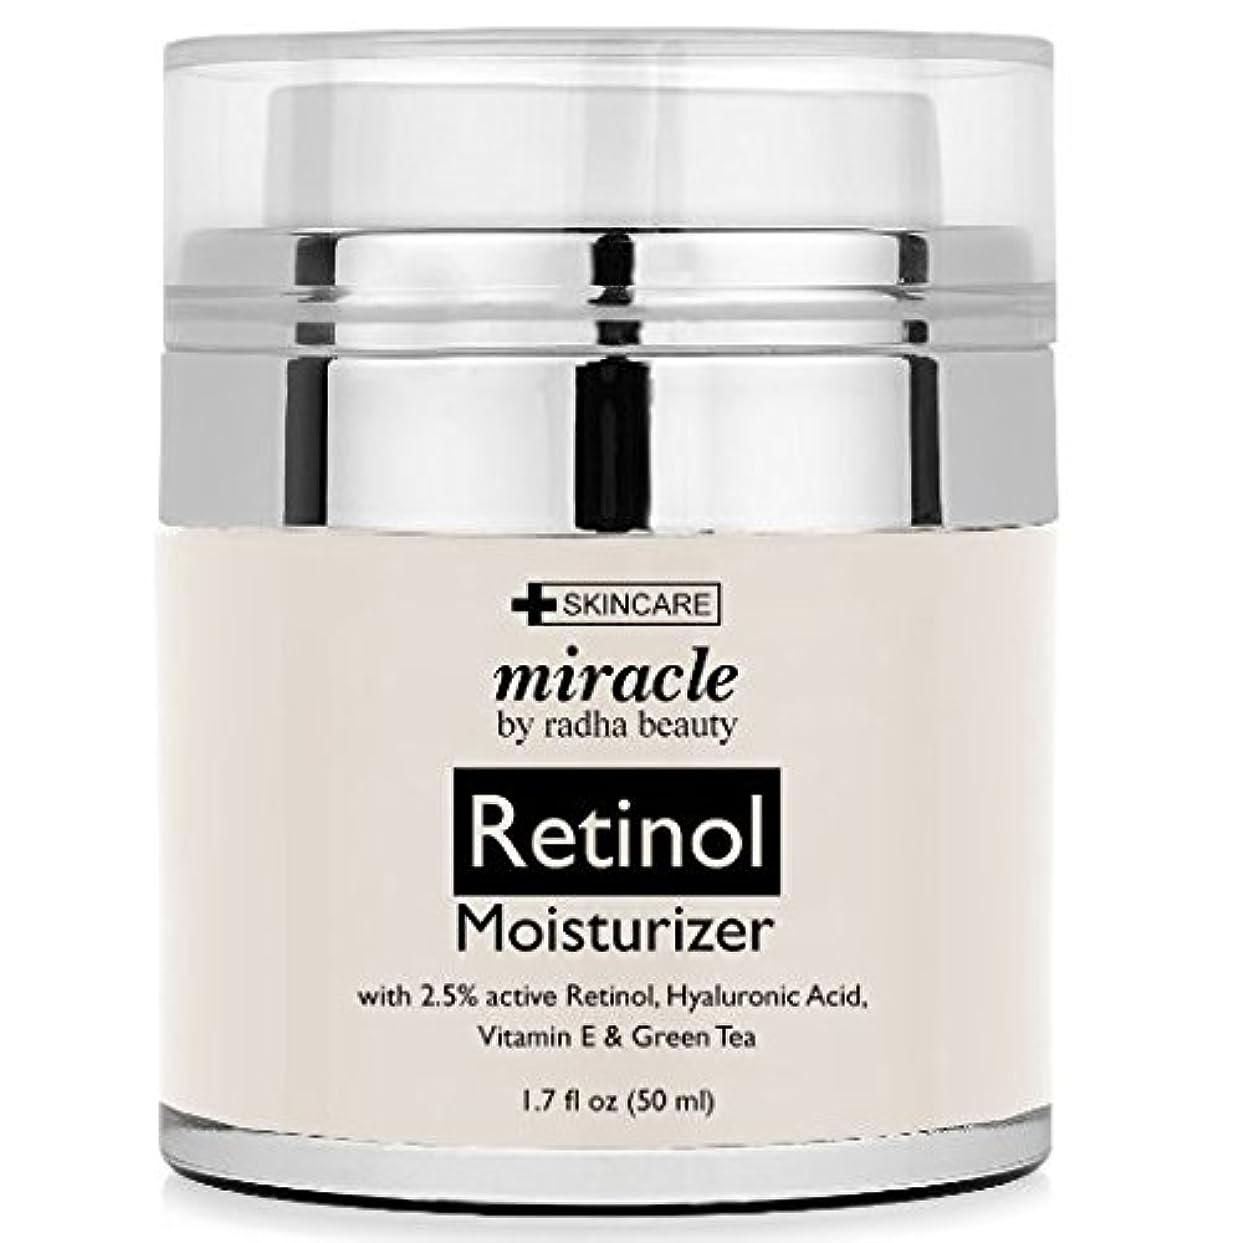 空のどんなときも幹レチノール 保湿クリーム Retinol Moisturizer Cream for Face - With Retinol, Hyaluronic Acid, Tea Tree Oil and Jojoba Oil、 ...